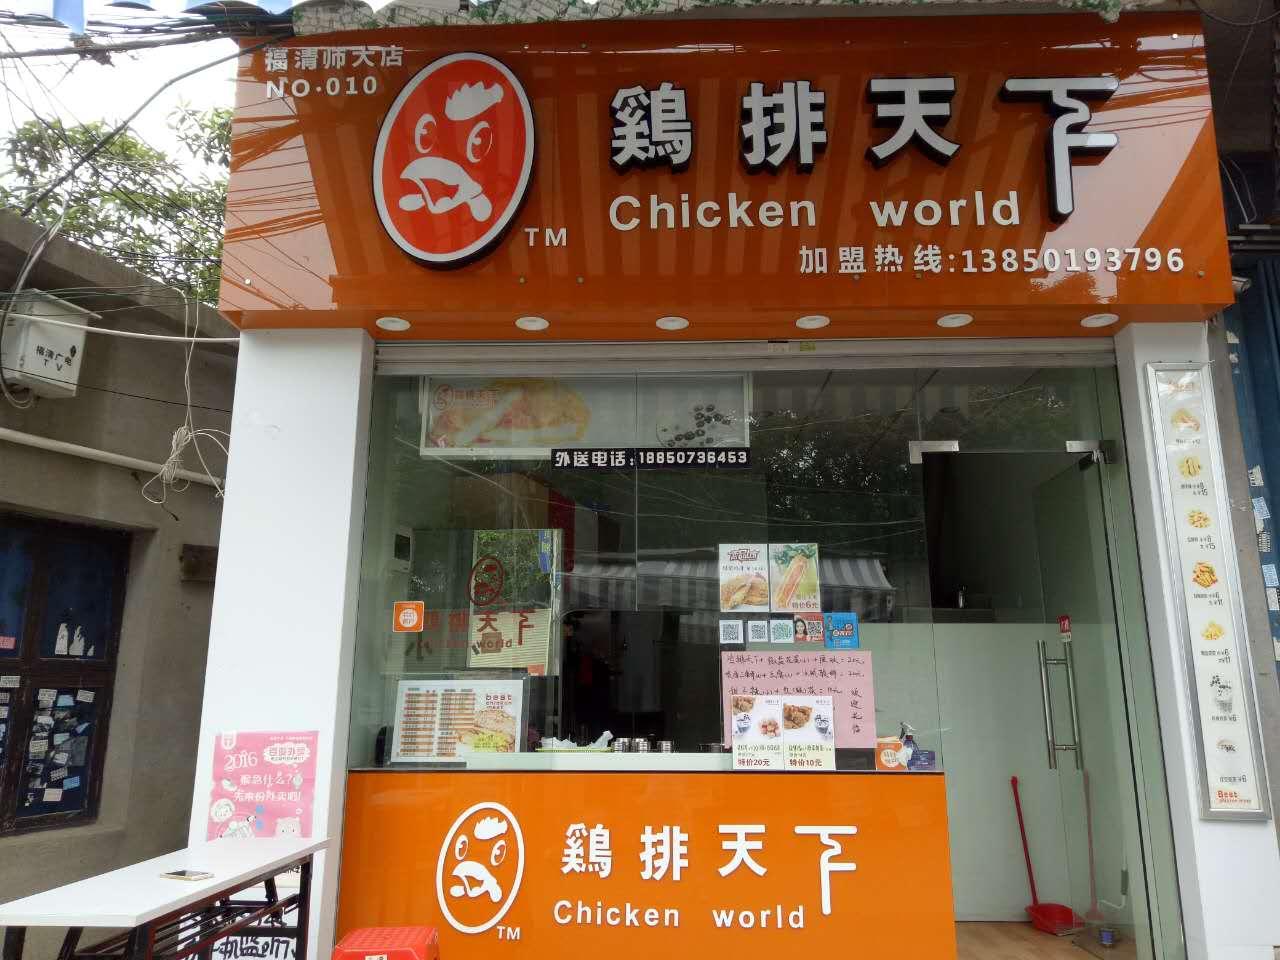 鸡排谁有微信红包群哪个好-专业鸡排天下谁有微信红包群推荐